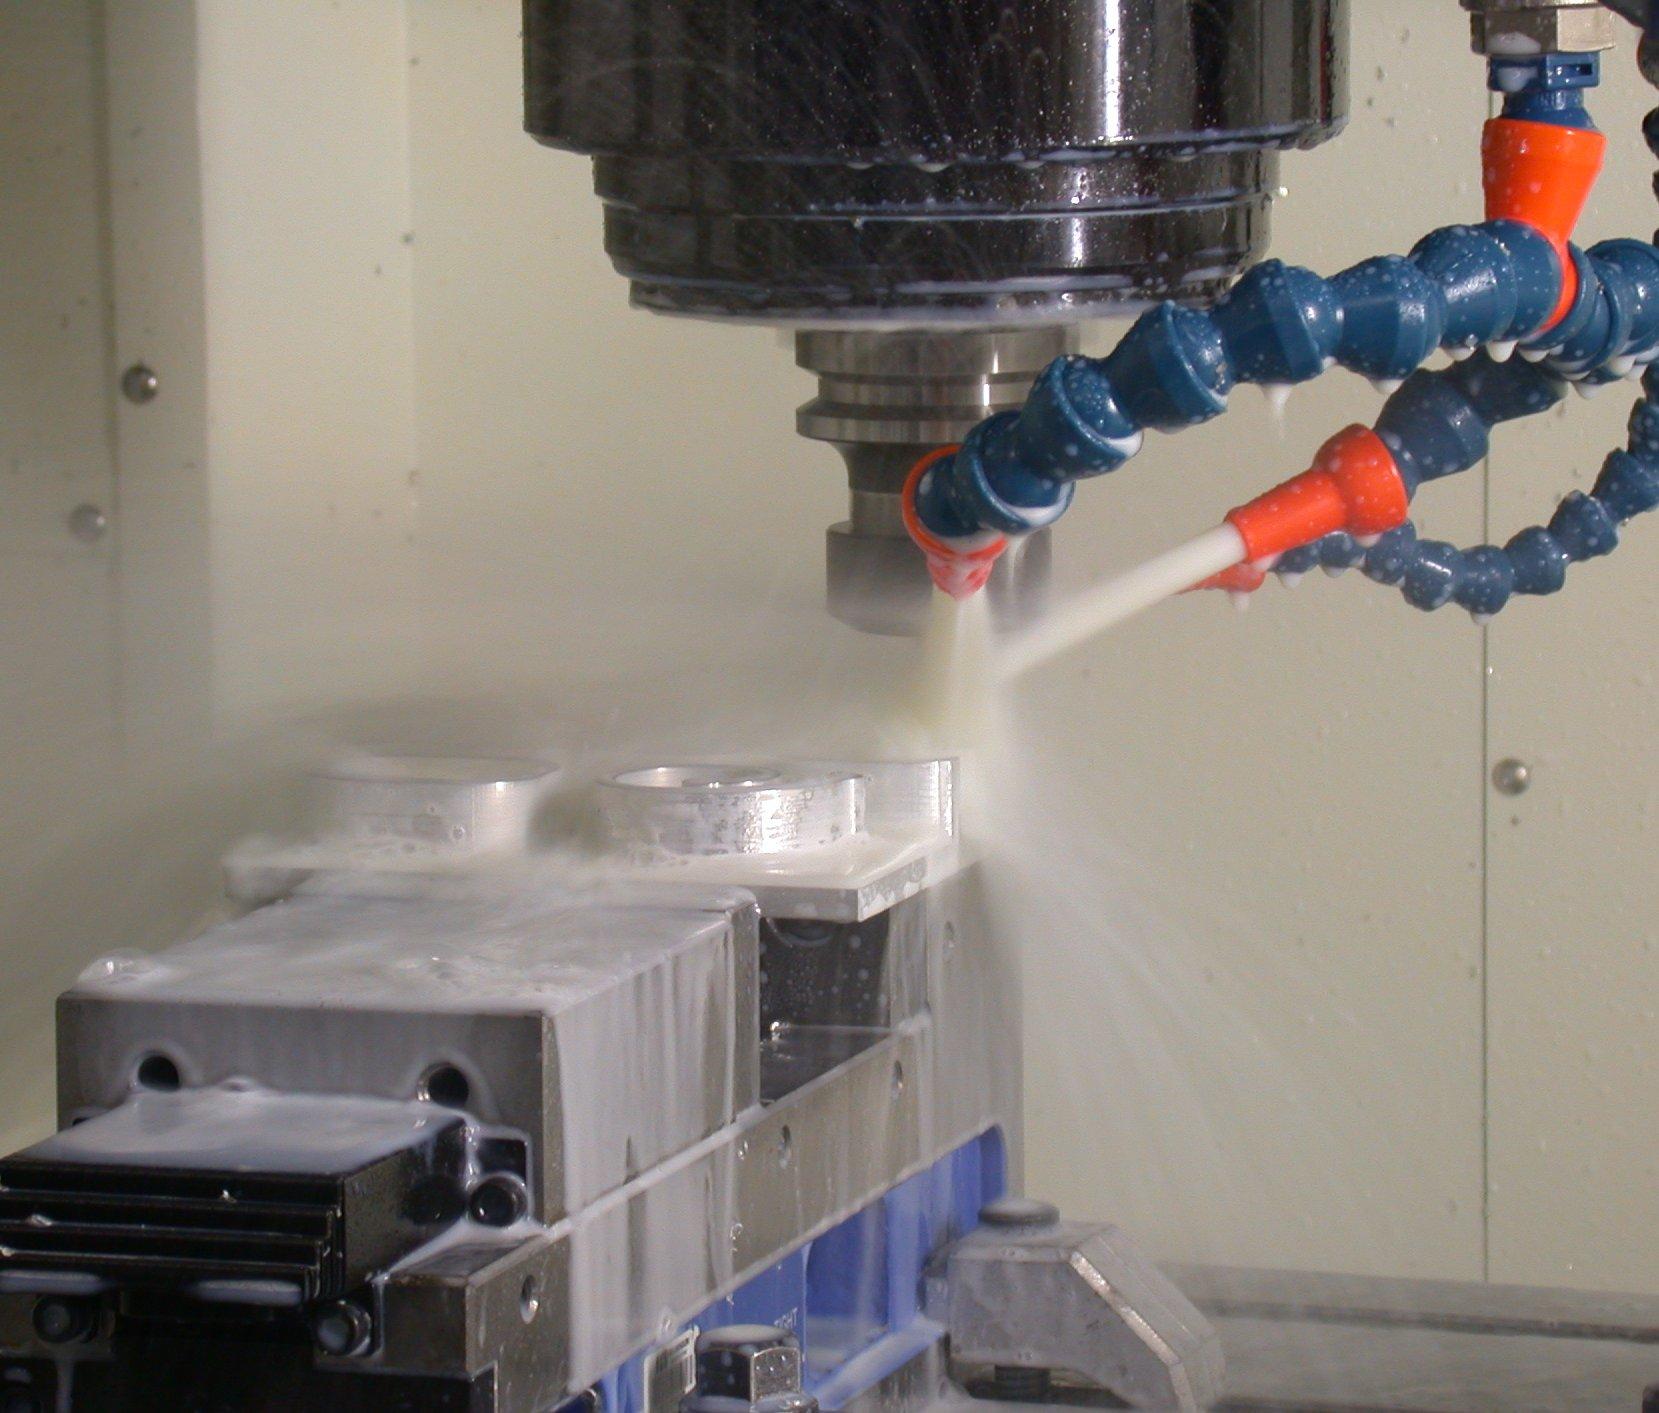 naprawa maszyn obsługiwanych przy pomocy cnc